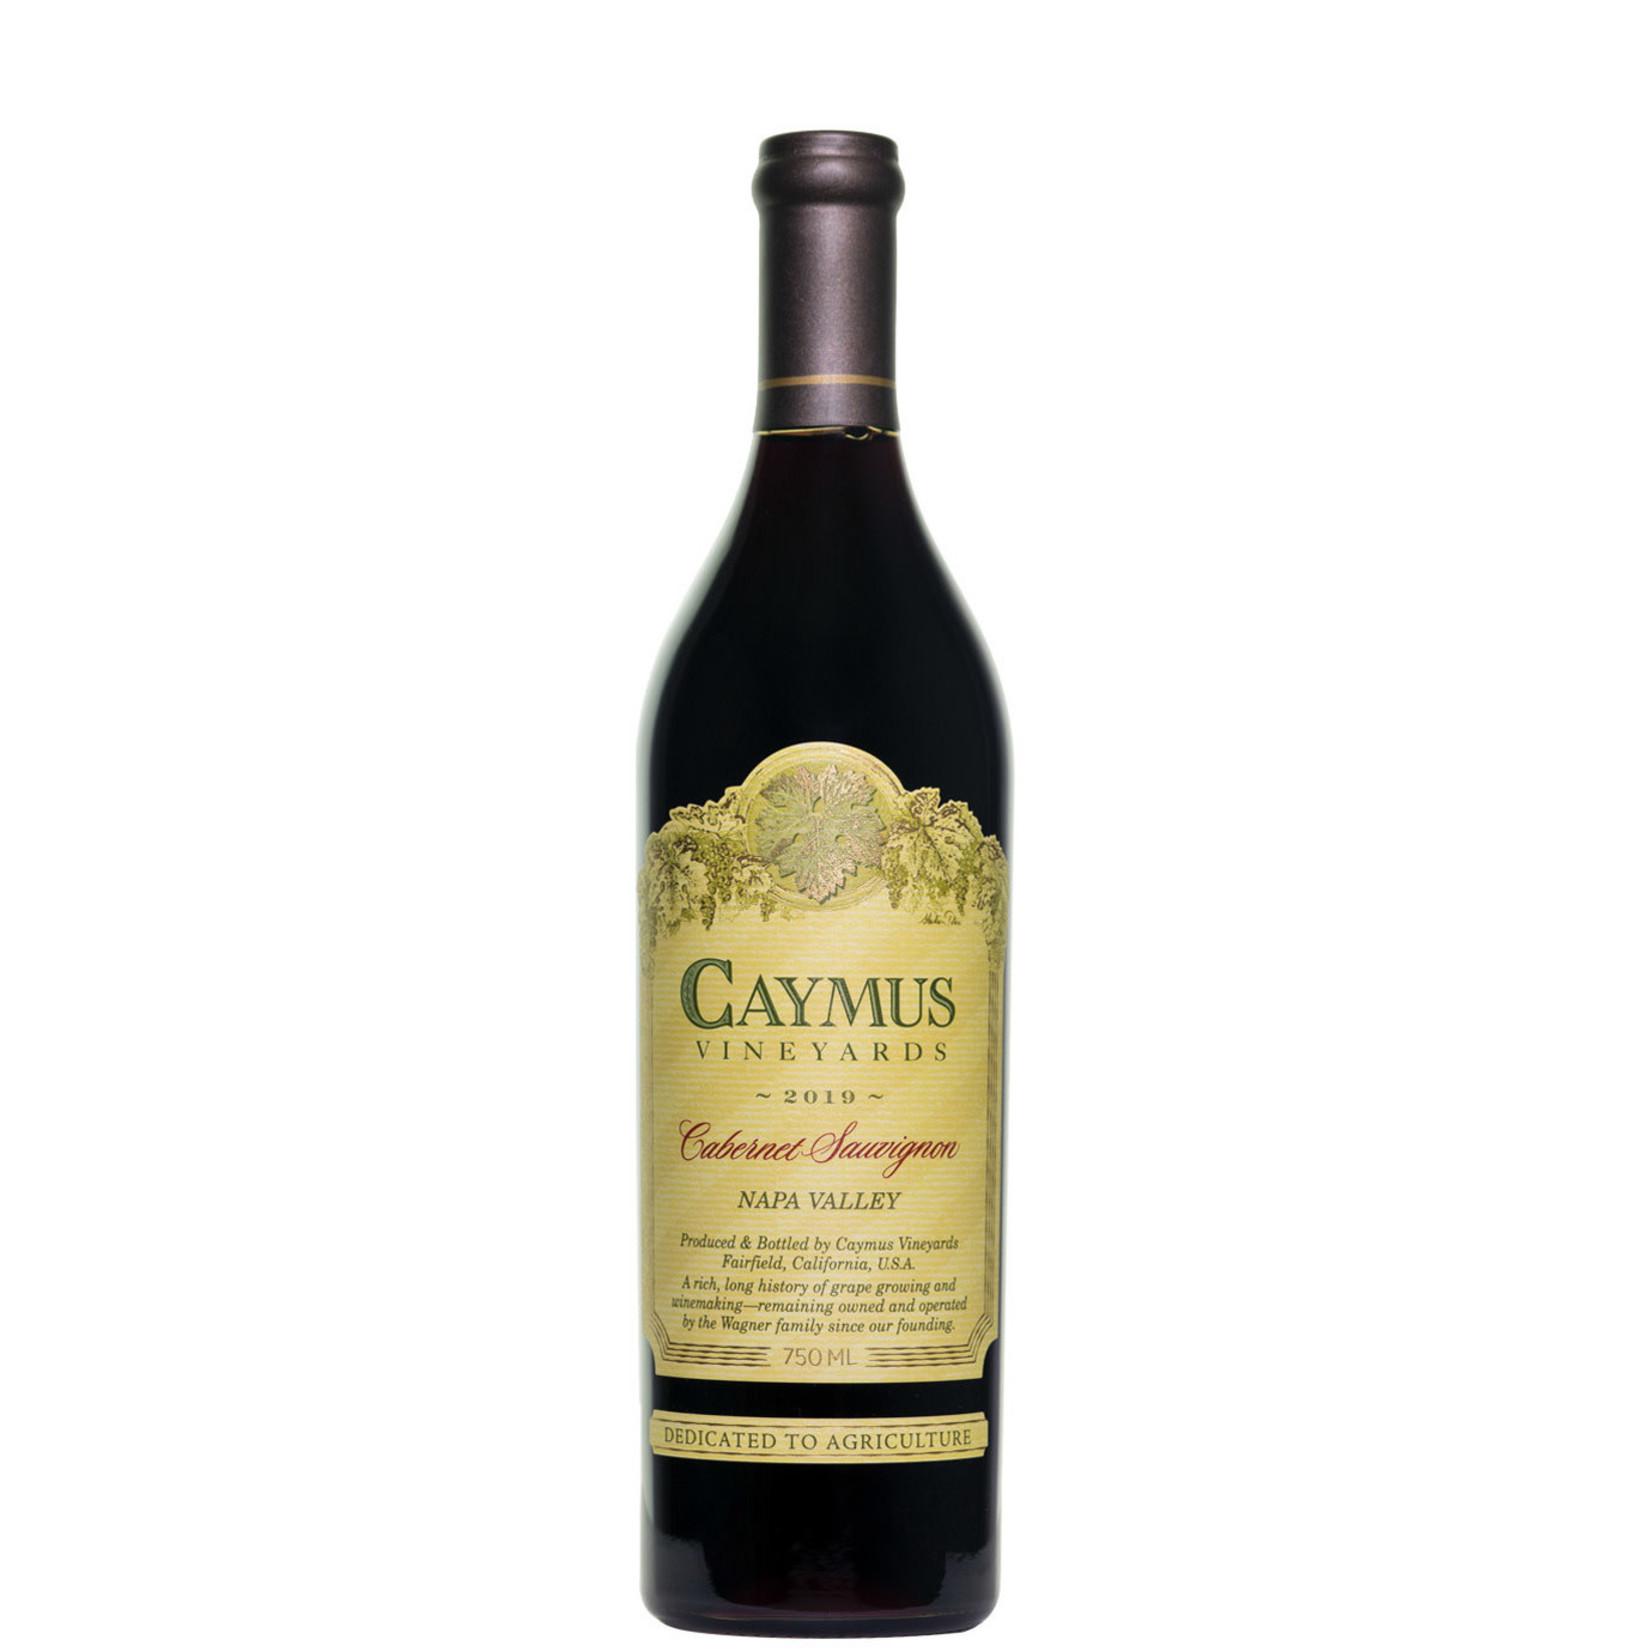 Wine Caymus Cabernet Sauvignon Napa Valley 2019